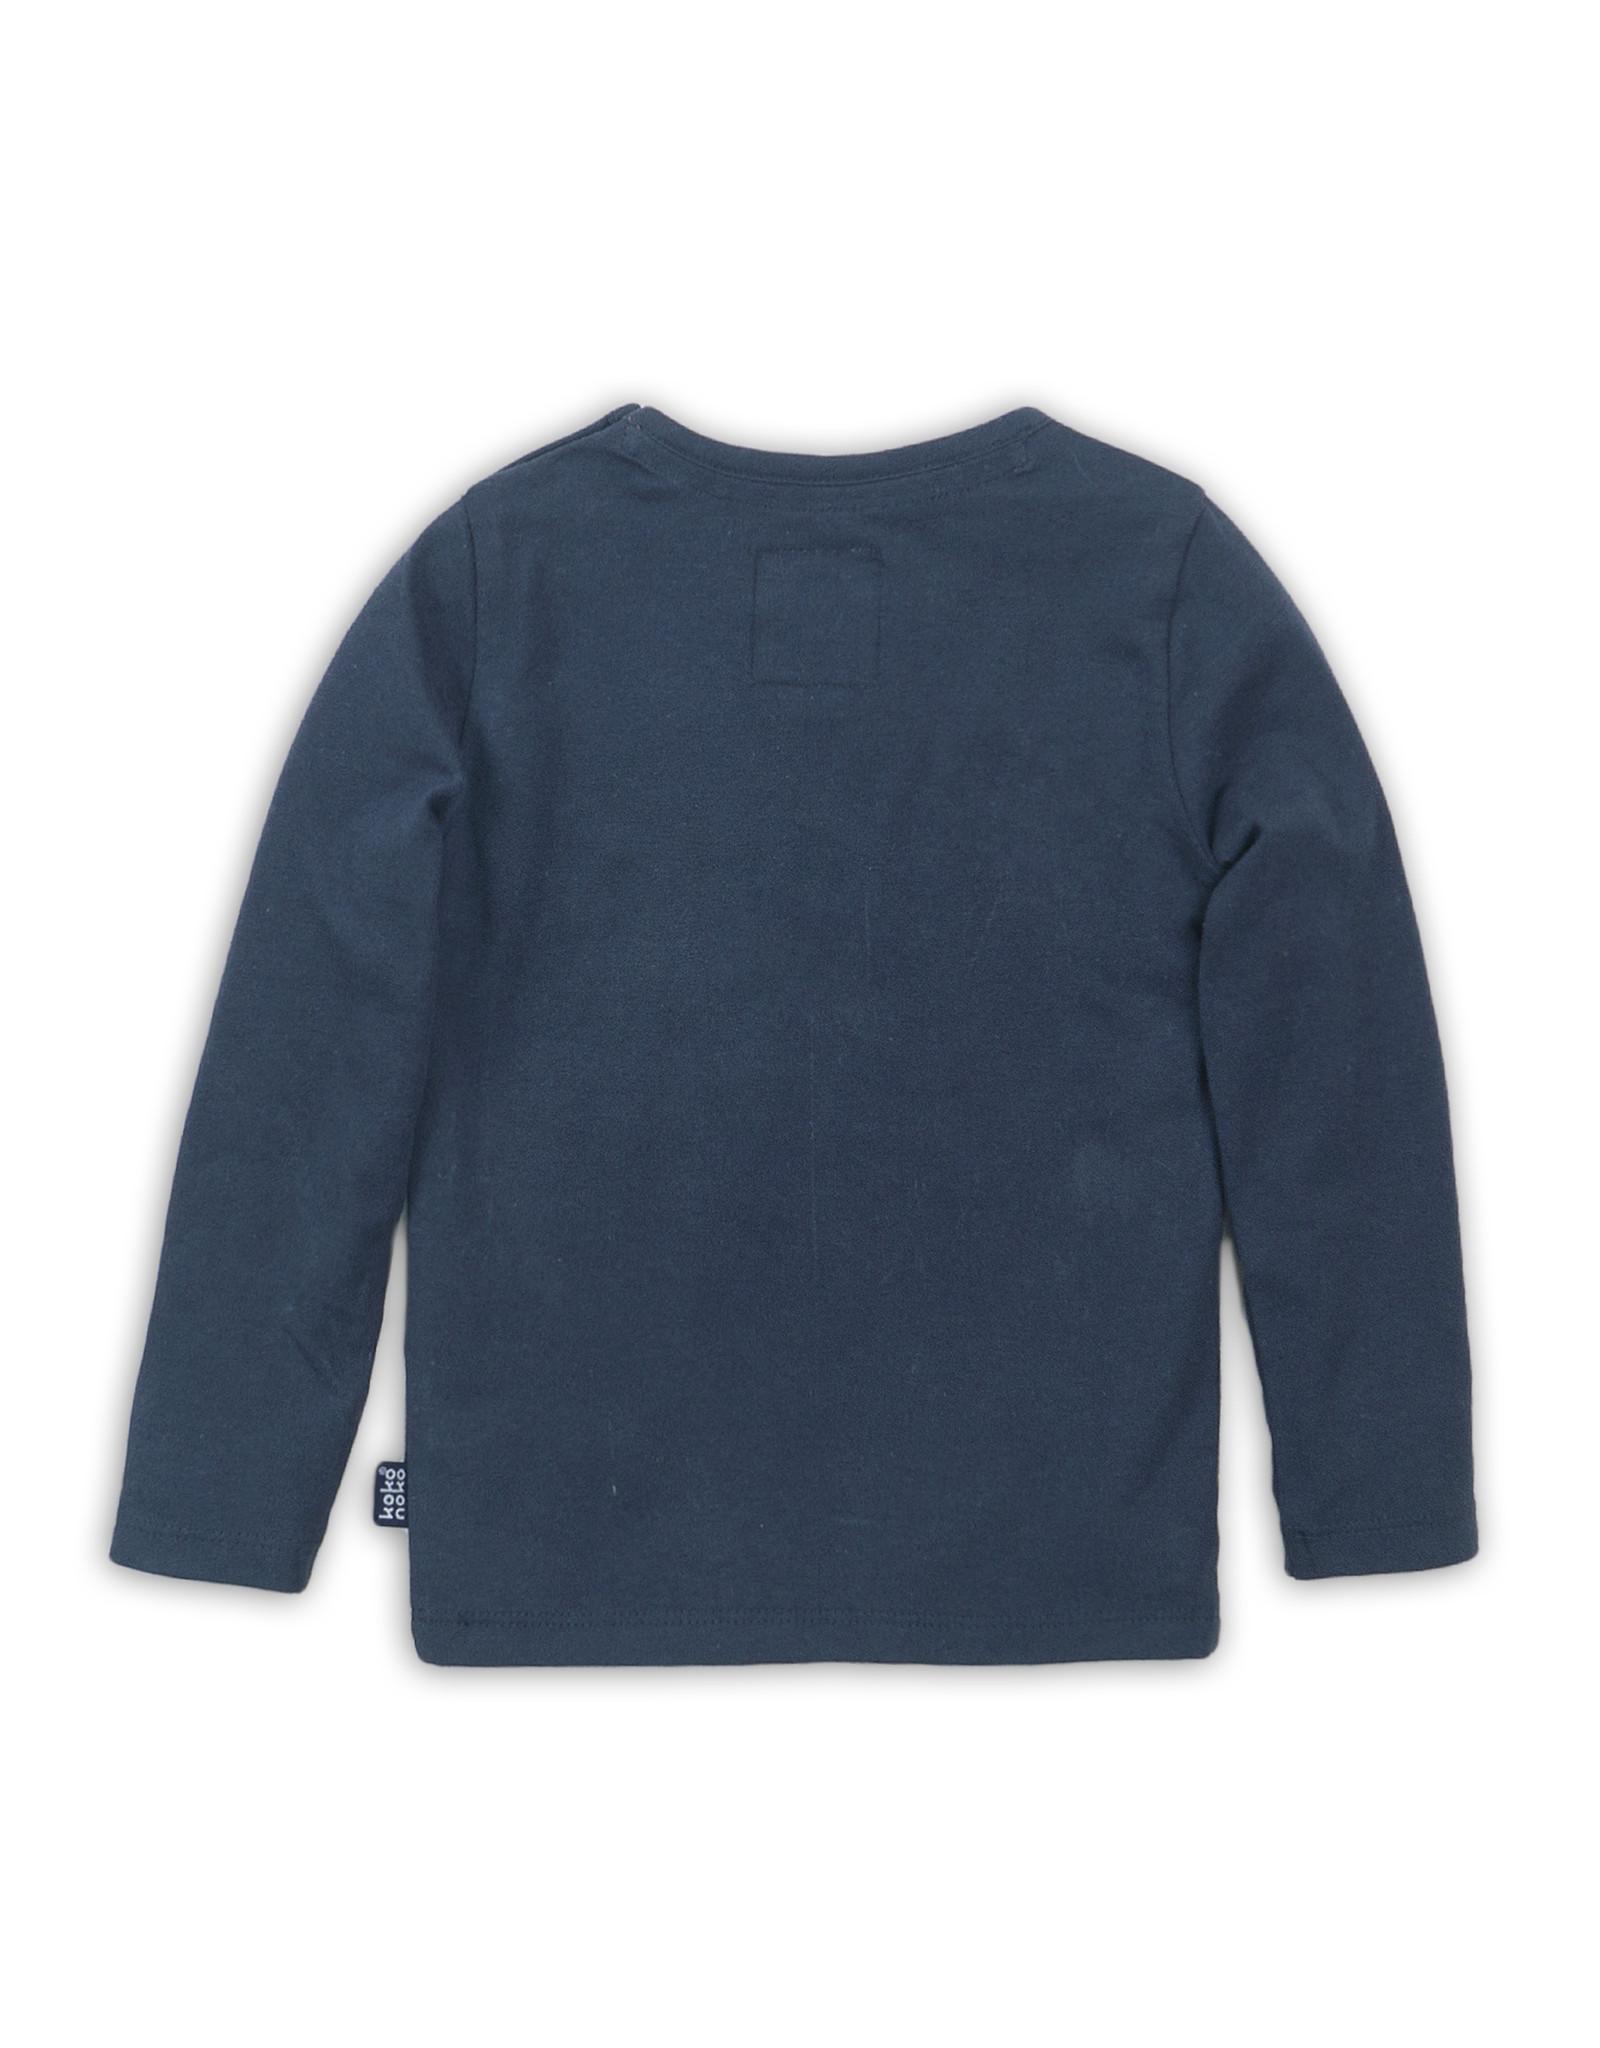 Koko Noko T-shirt ls, D Navy